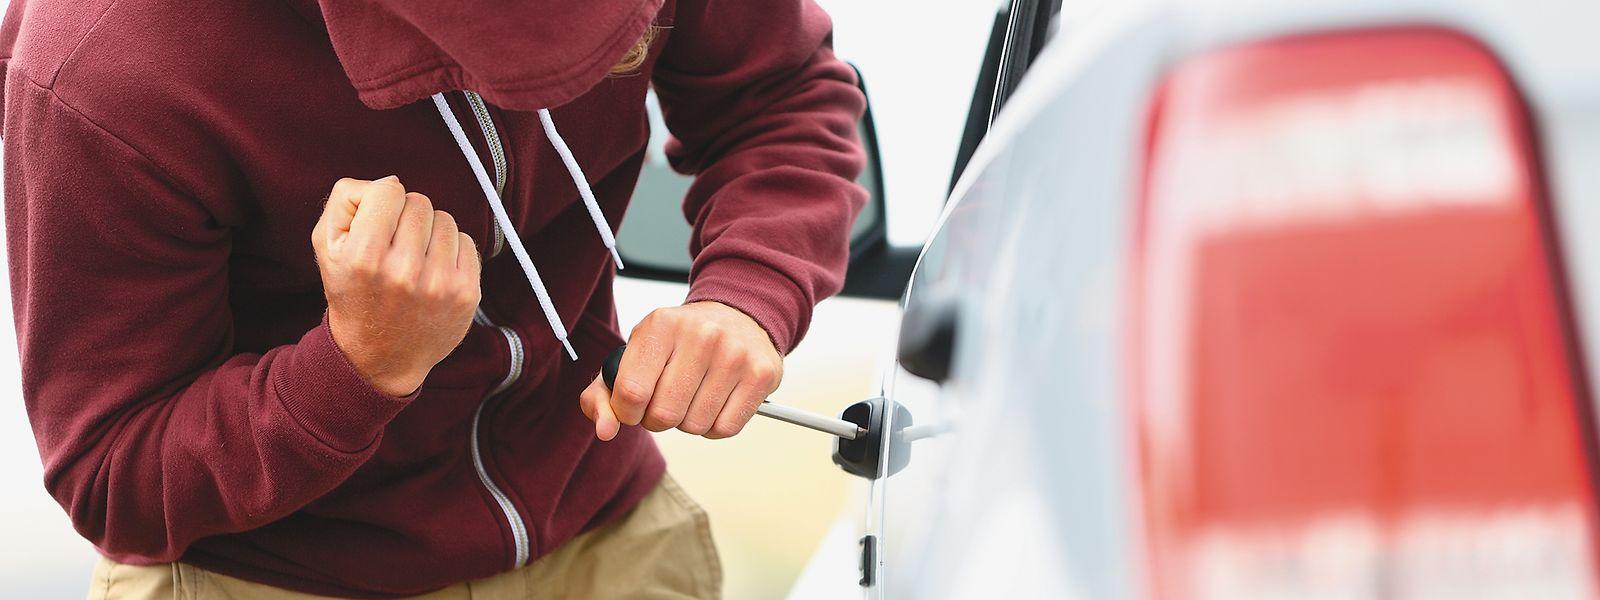 In der Statistik werden auch die versuchten Einbrüche in Fahrzeuge berücksichtigt.